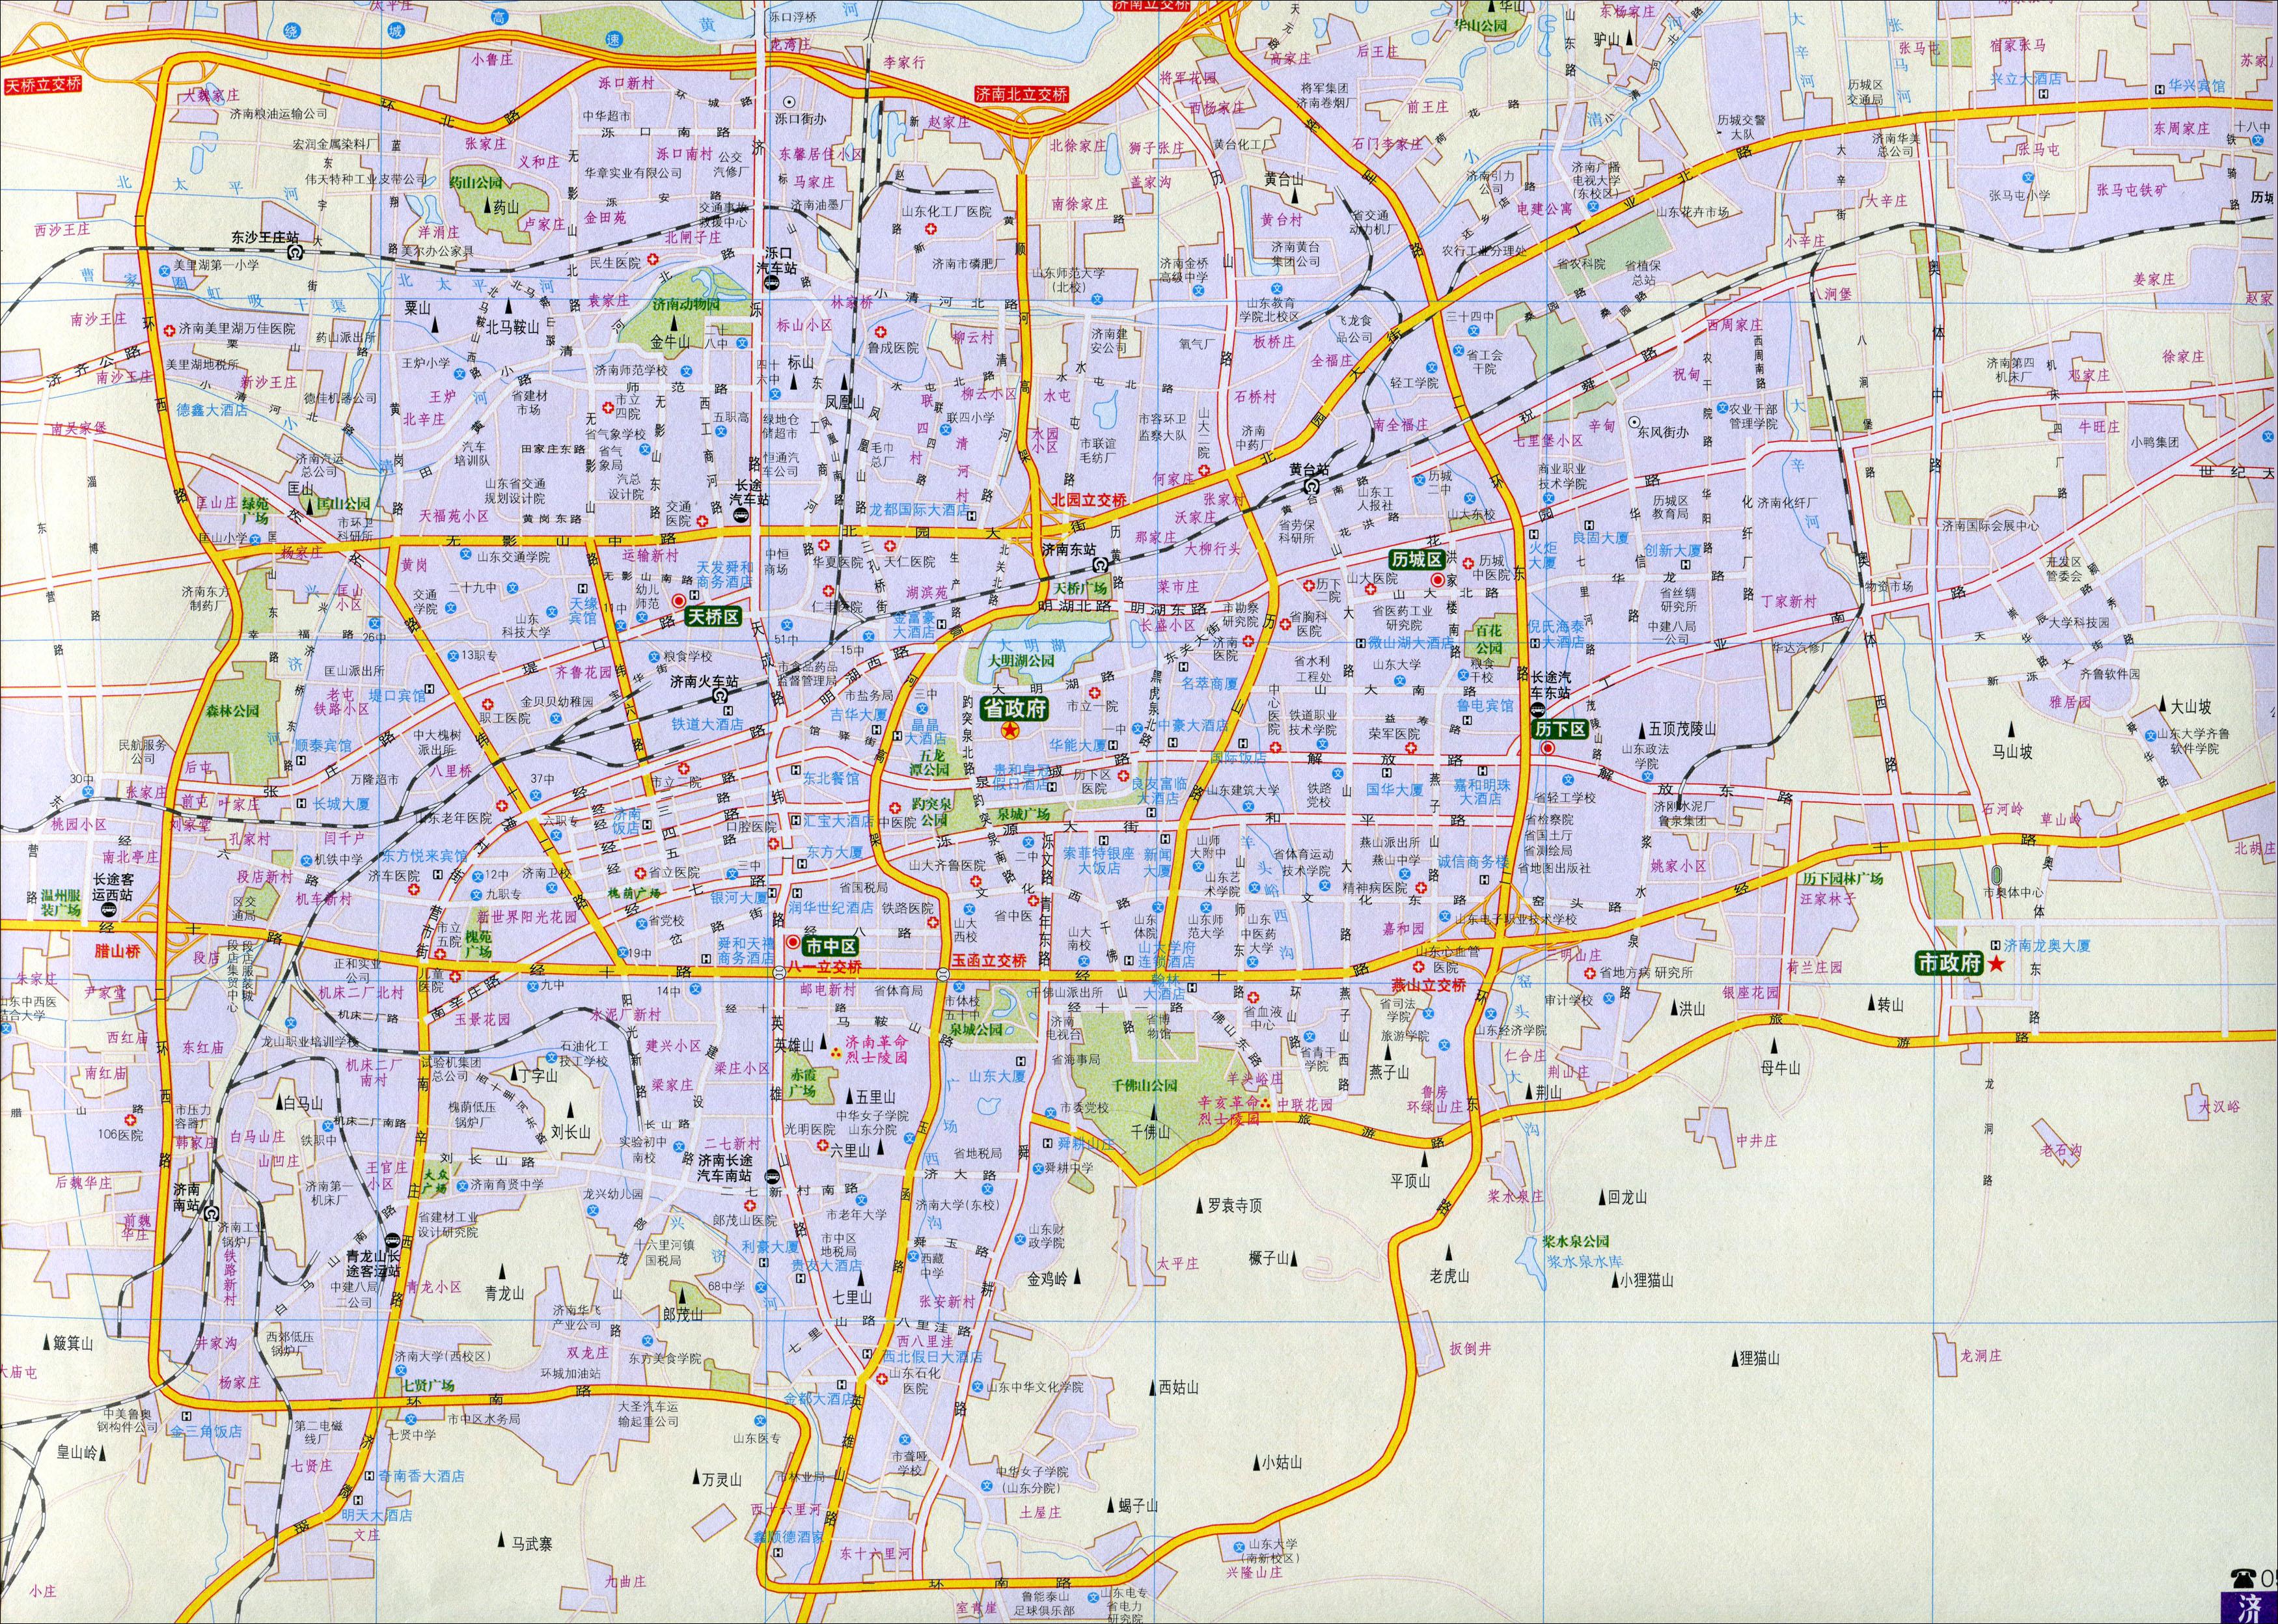 济南市交通地图2016版